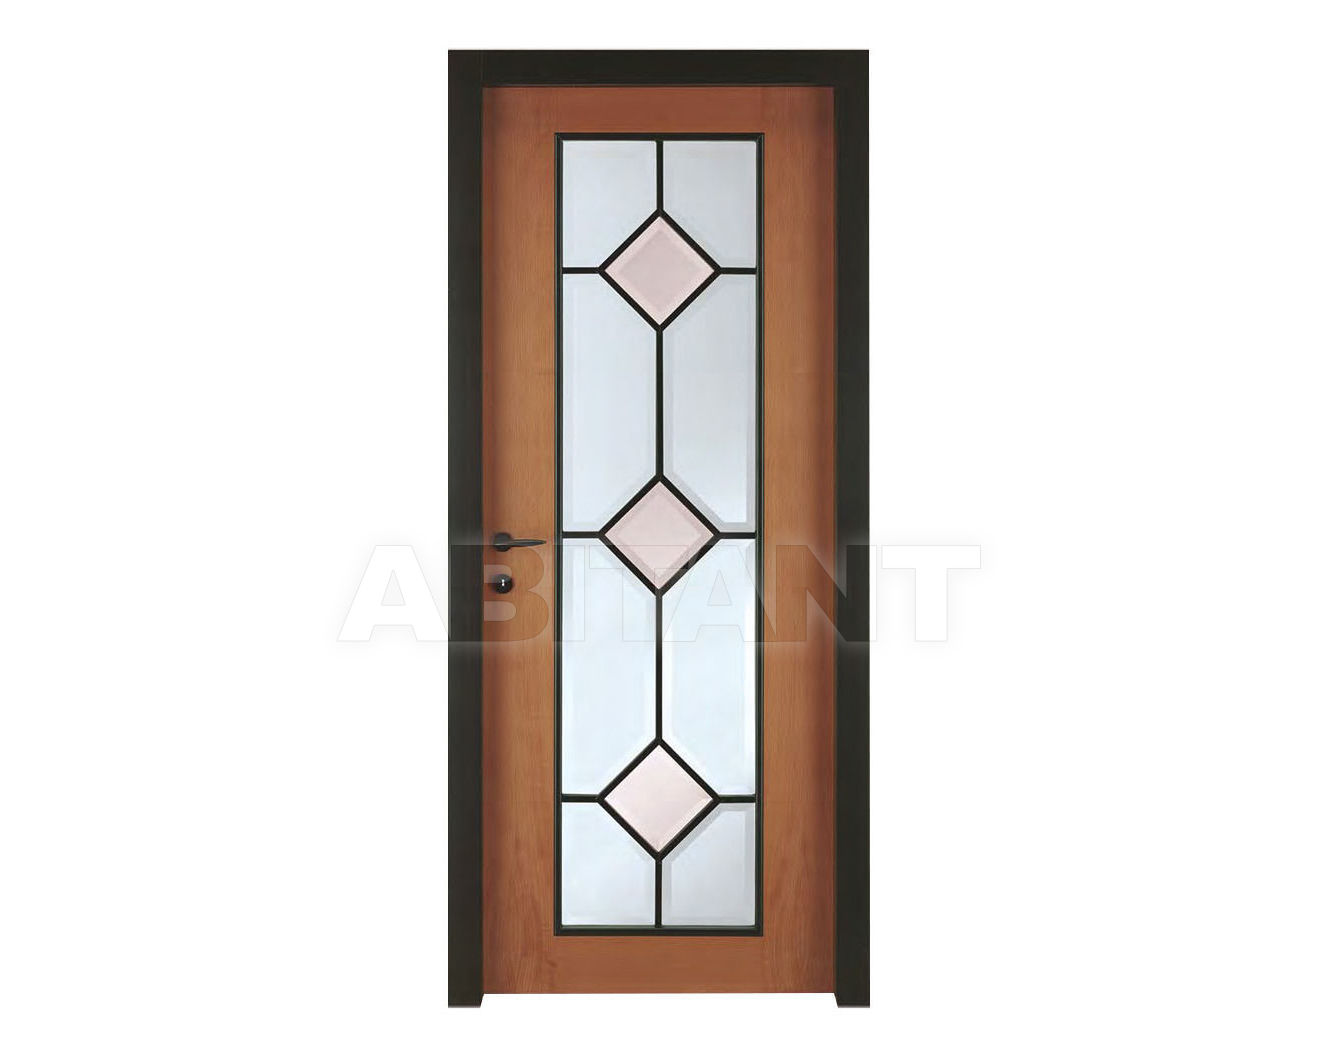 Купить Дверь деревянная Fioravazzi Classiche ARIANNA 4